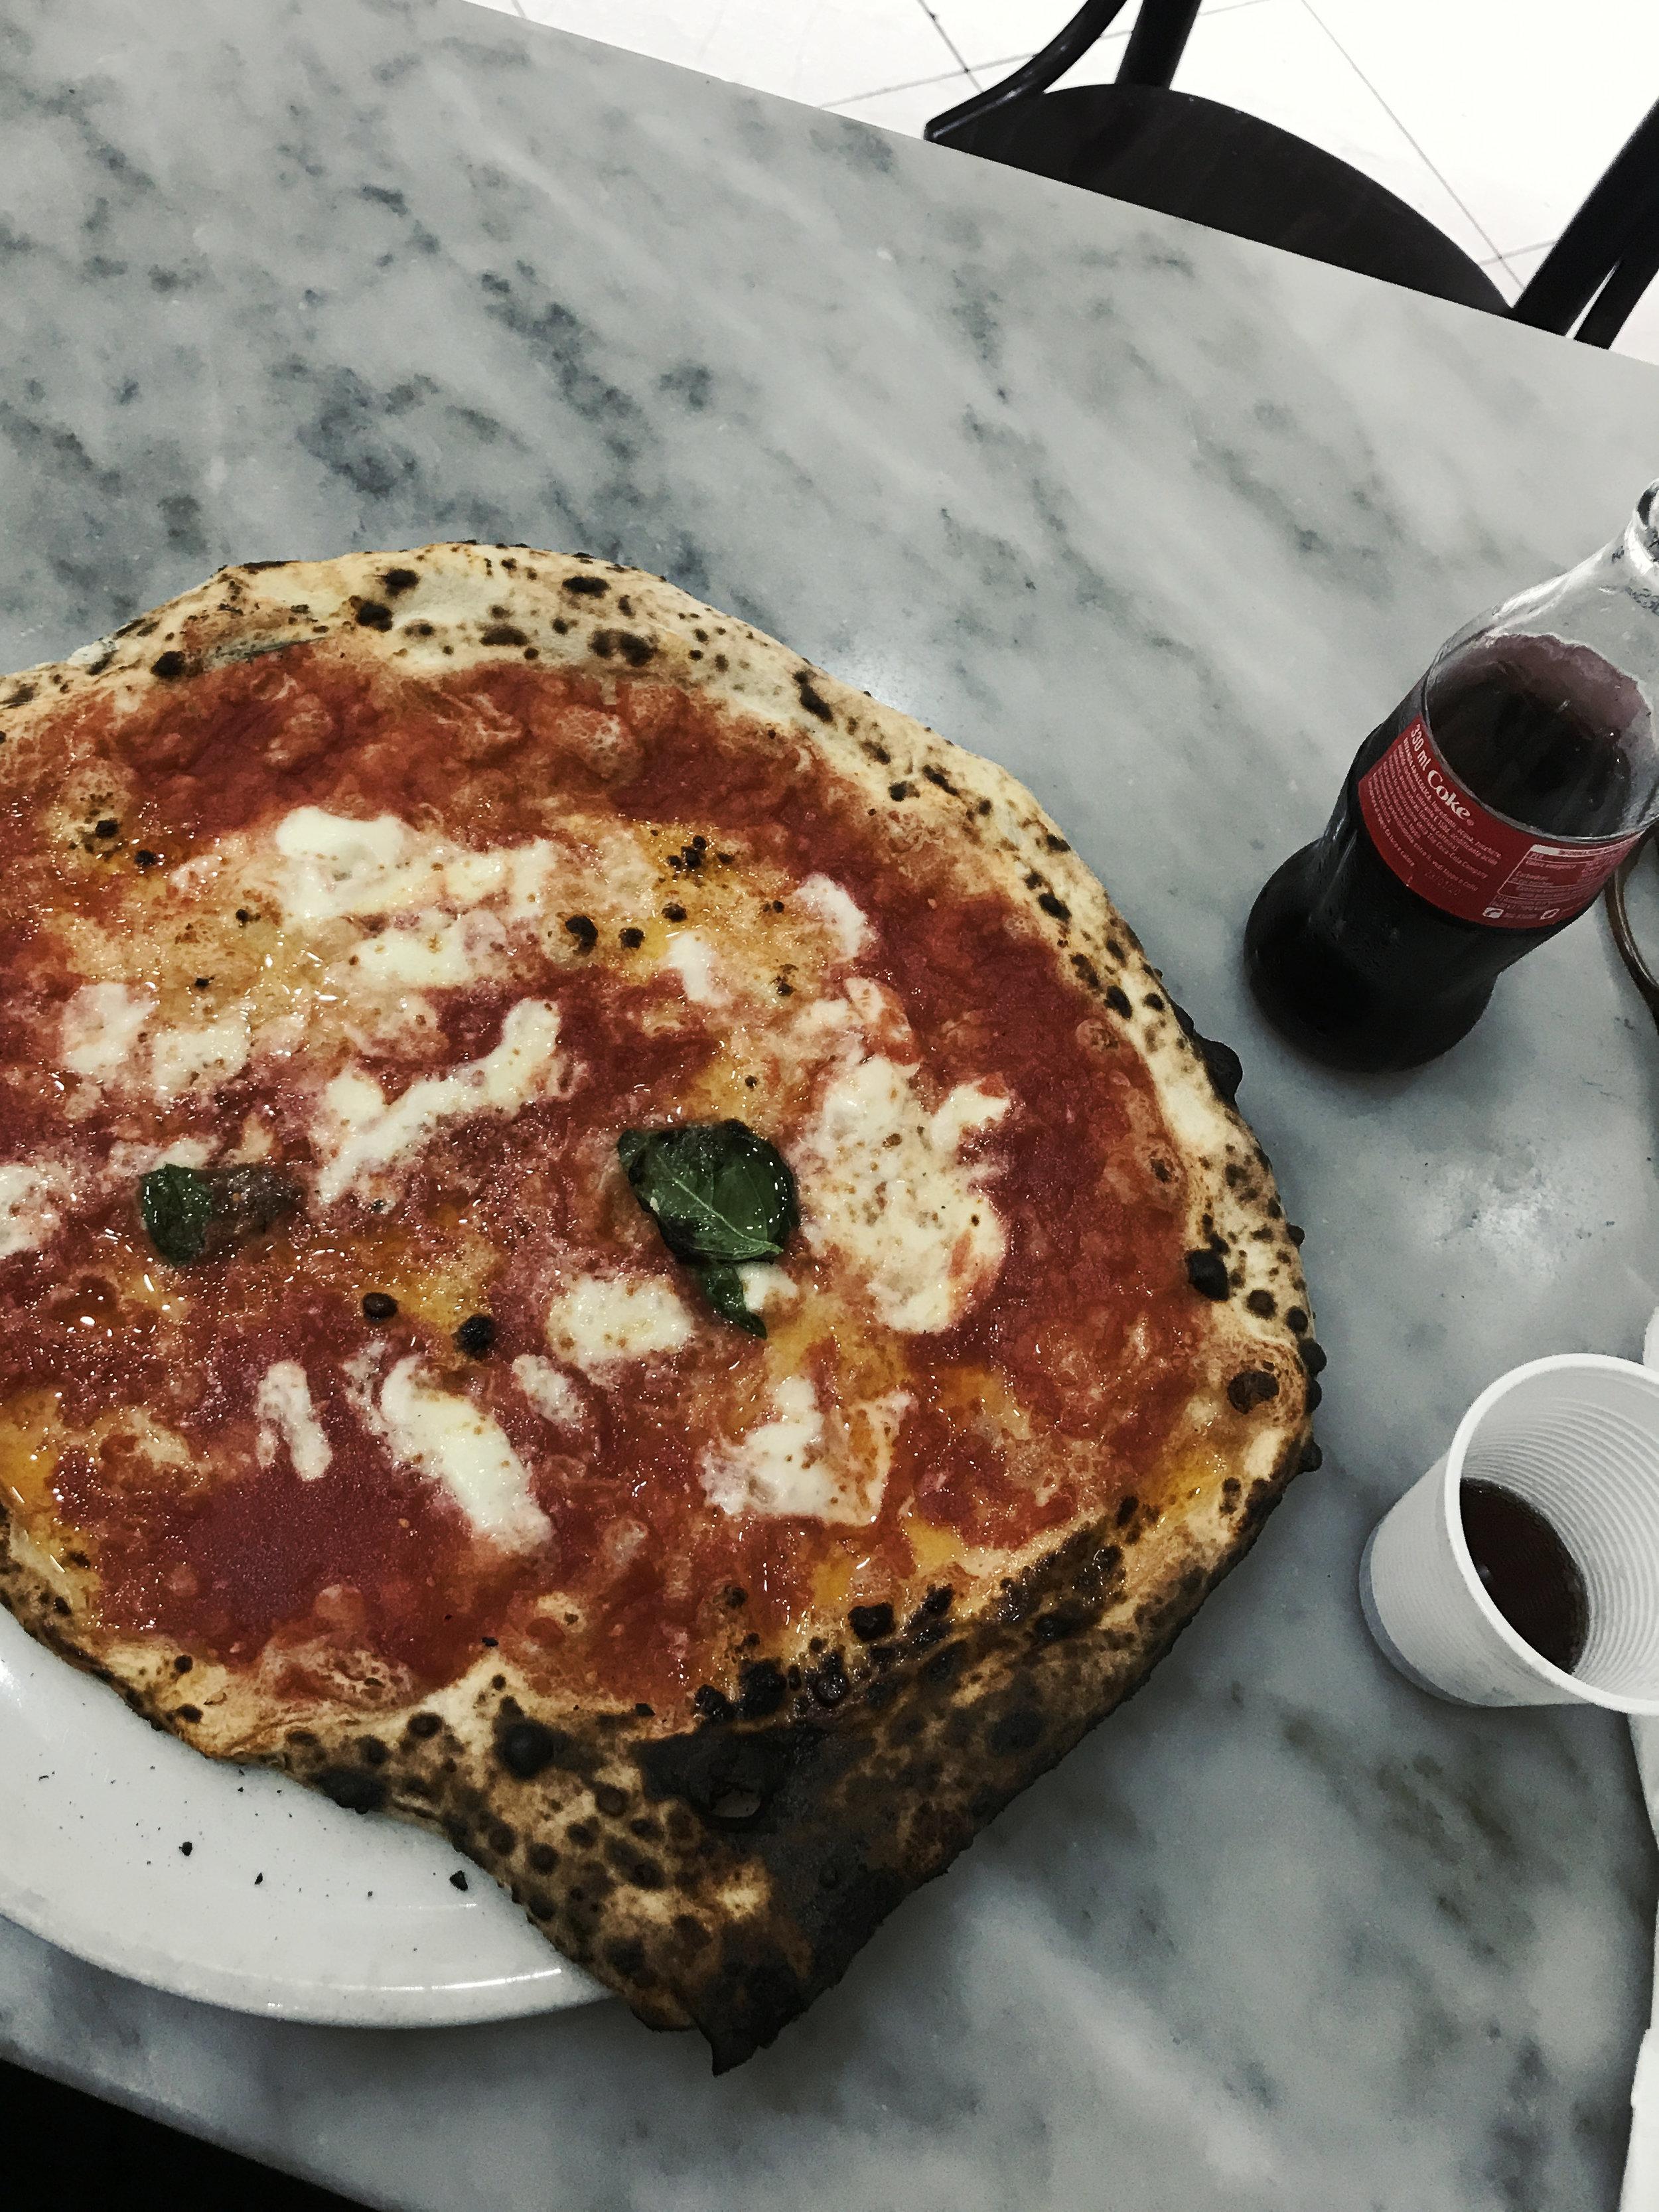 Se kuuluisa pizza. Napoli, huhtikuussa 2019.